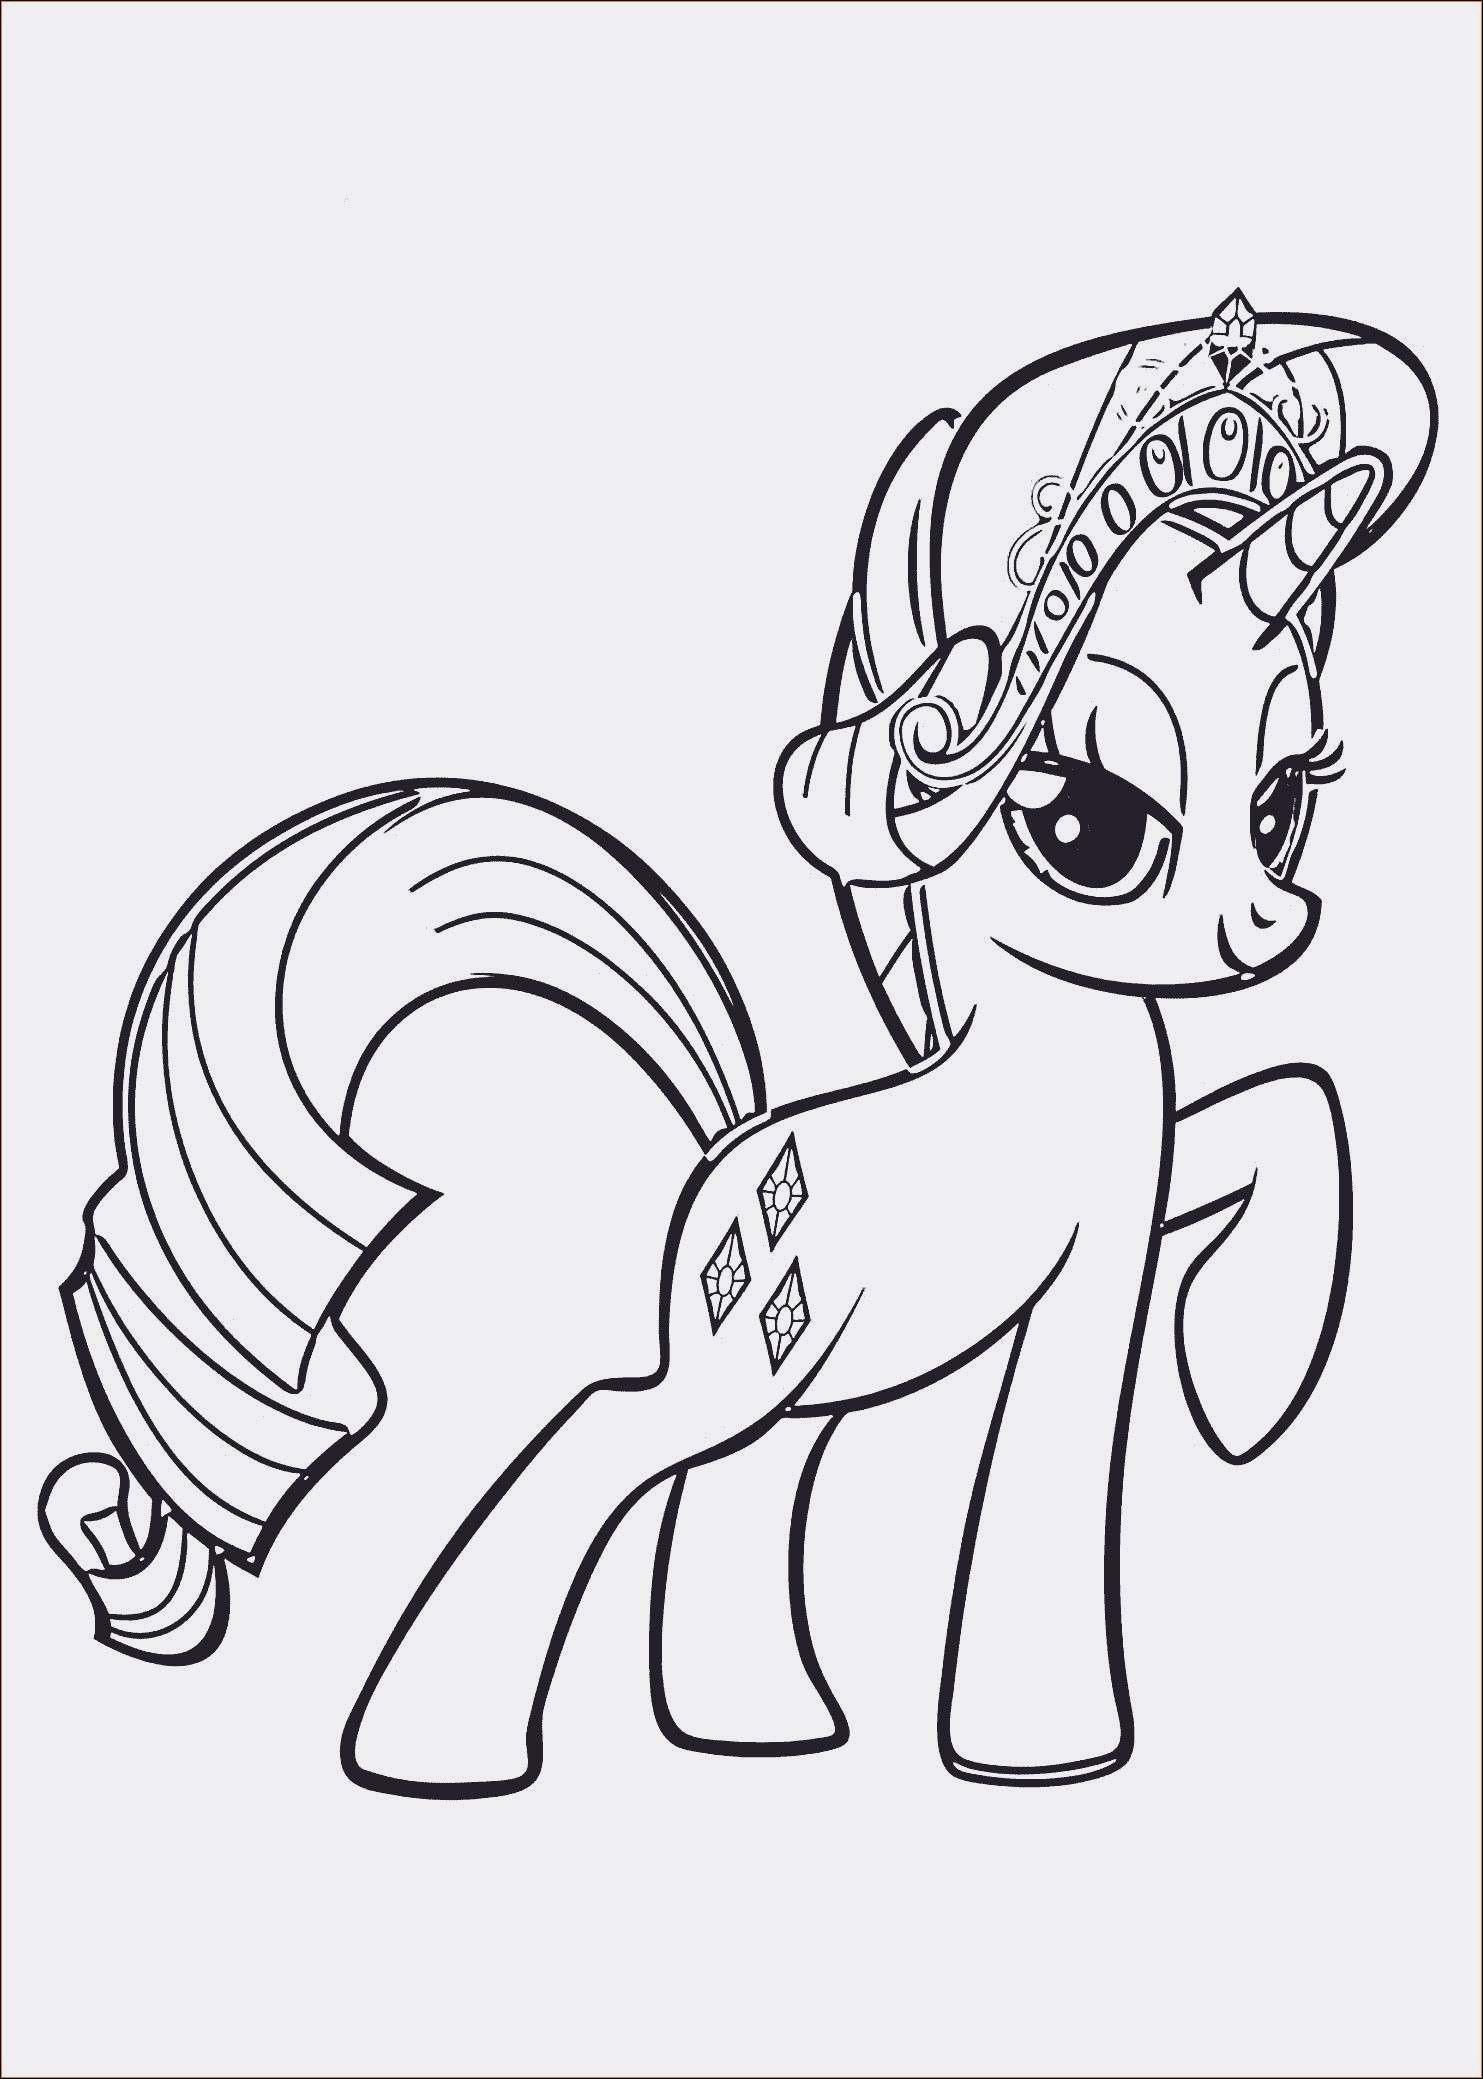 Malvorlagen My Little Pony Genial Beispielbilder Färben Ausmalbilder My Little Pony Einzigartig Fotografieren